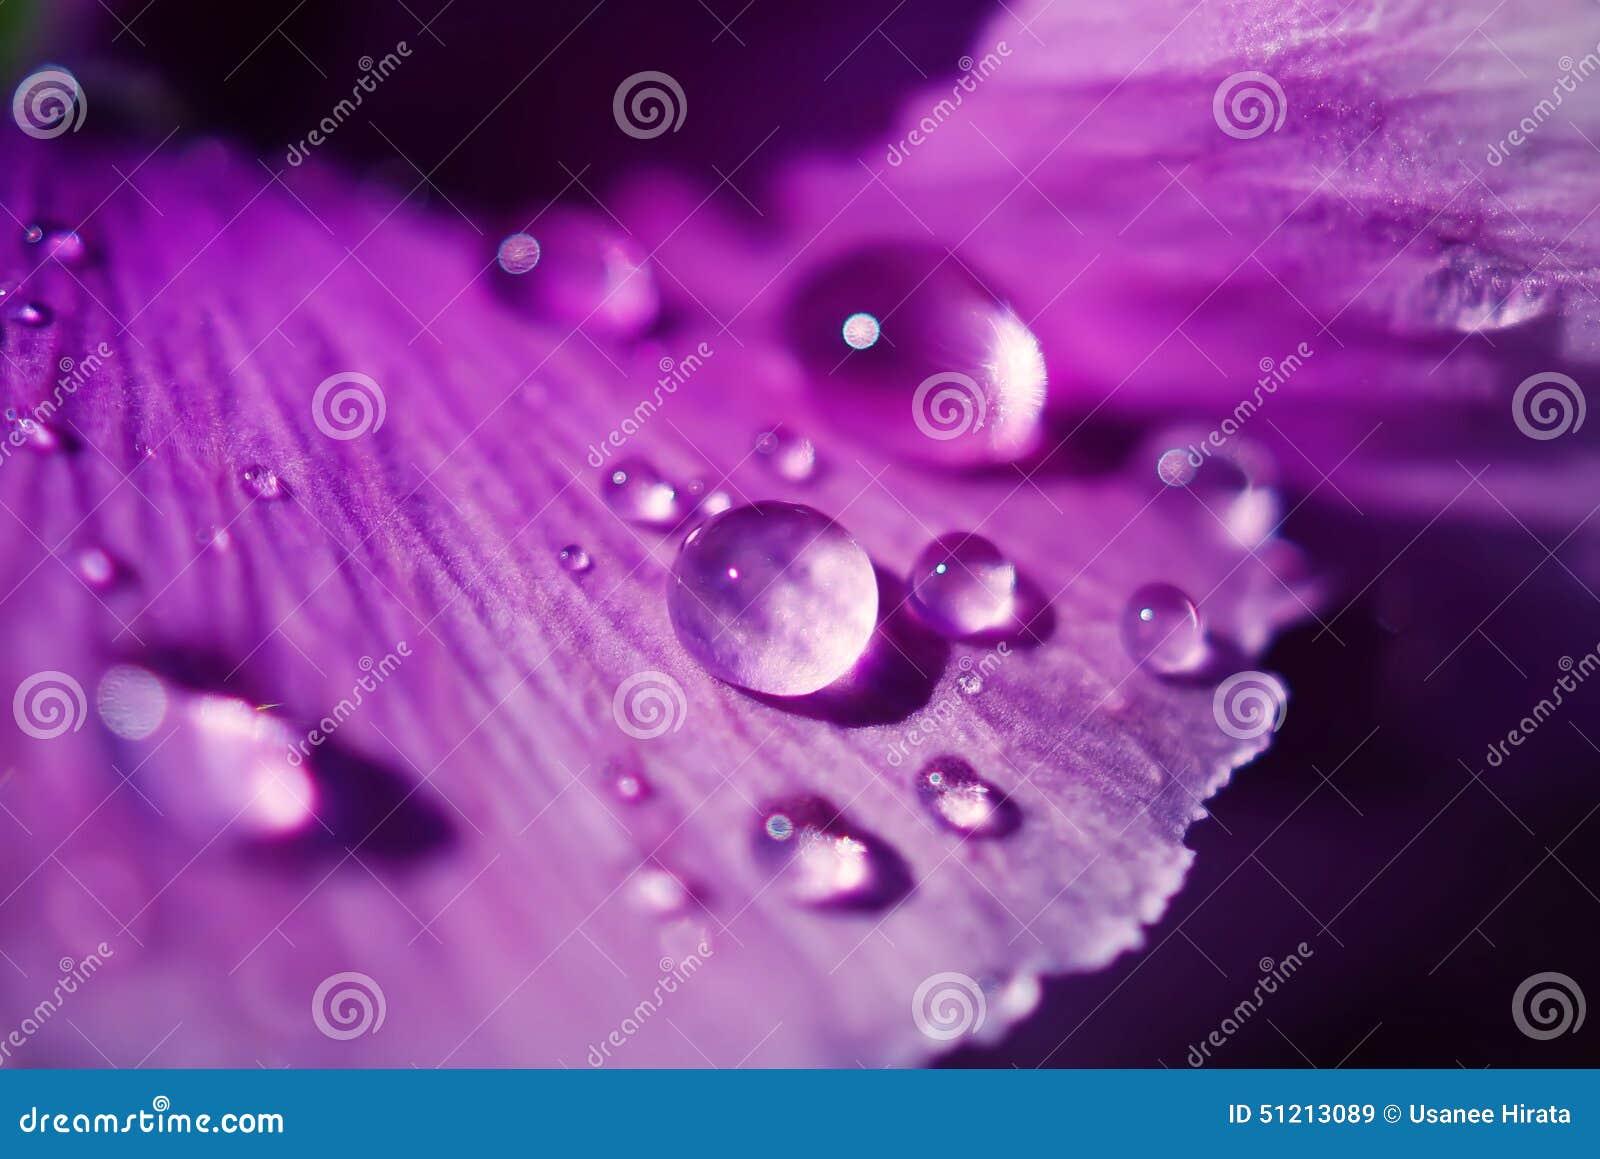 Chiuda sulle gocce di acqua sui fiori della viola in giardino giapponese